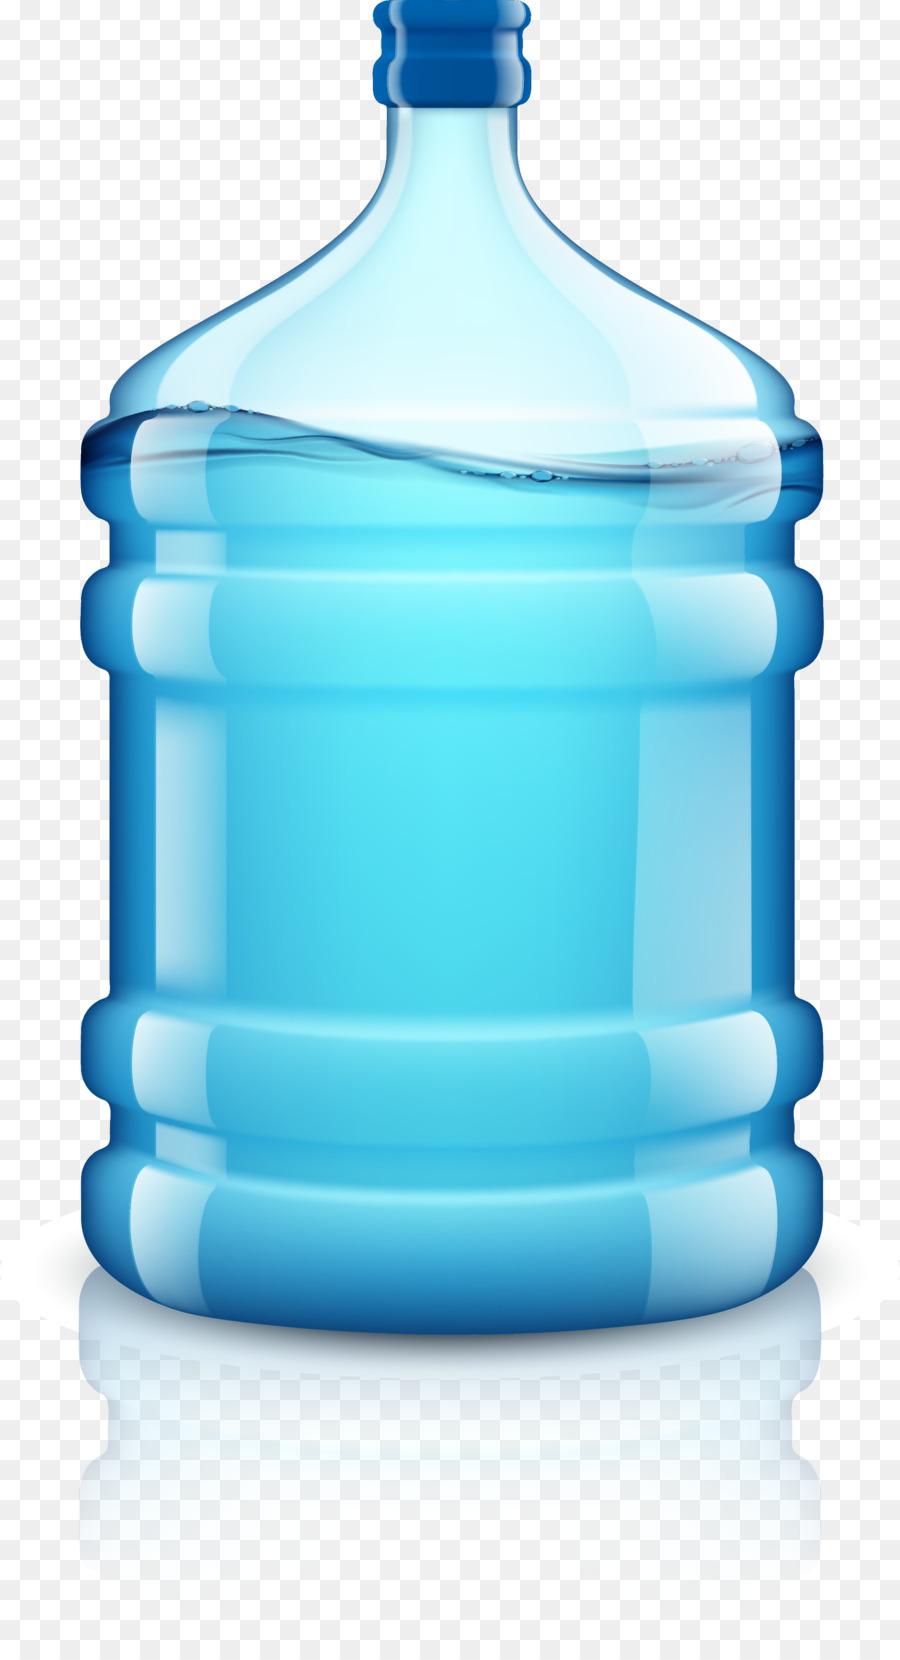 картинки бутыль для воды без фона одной социальных